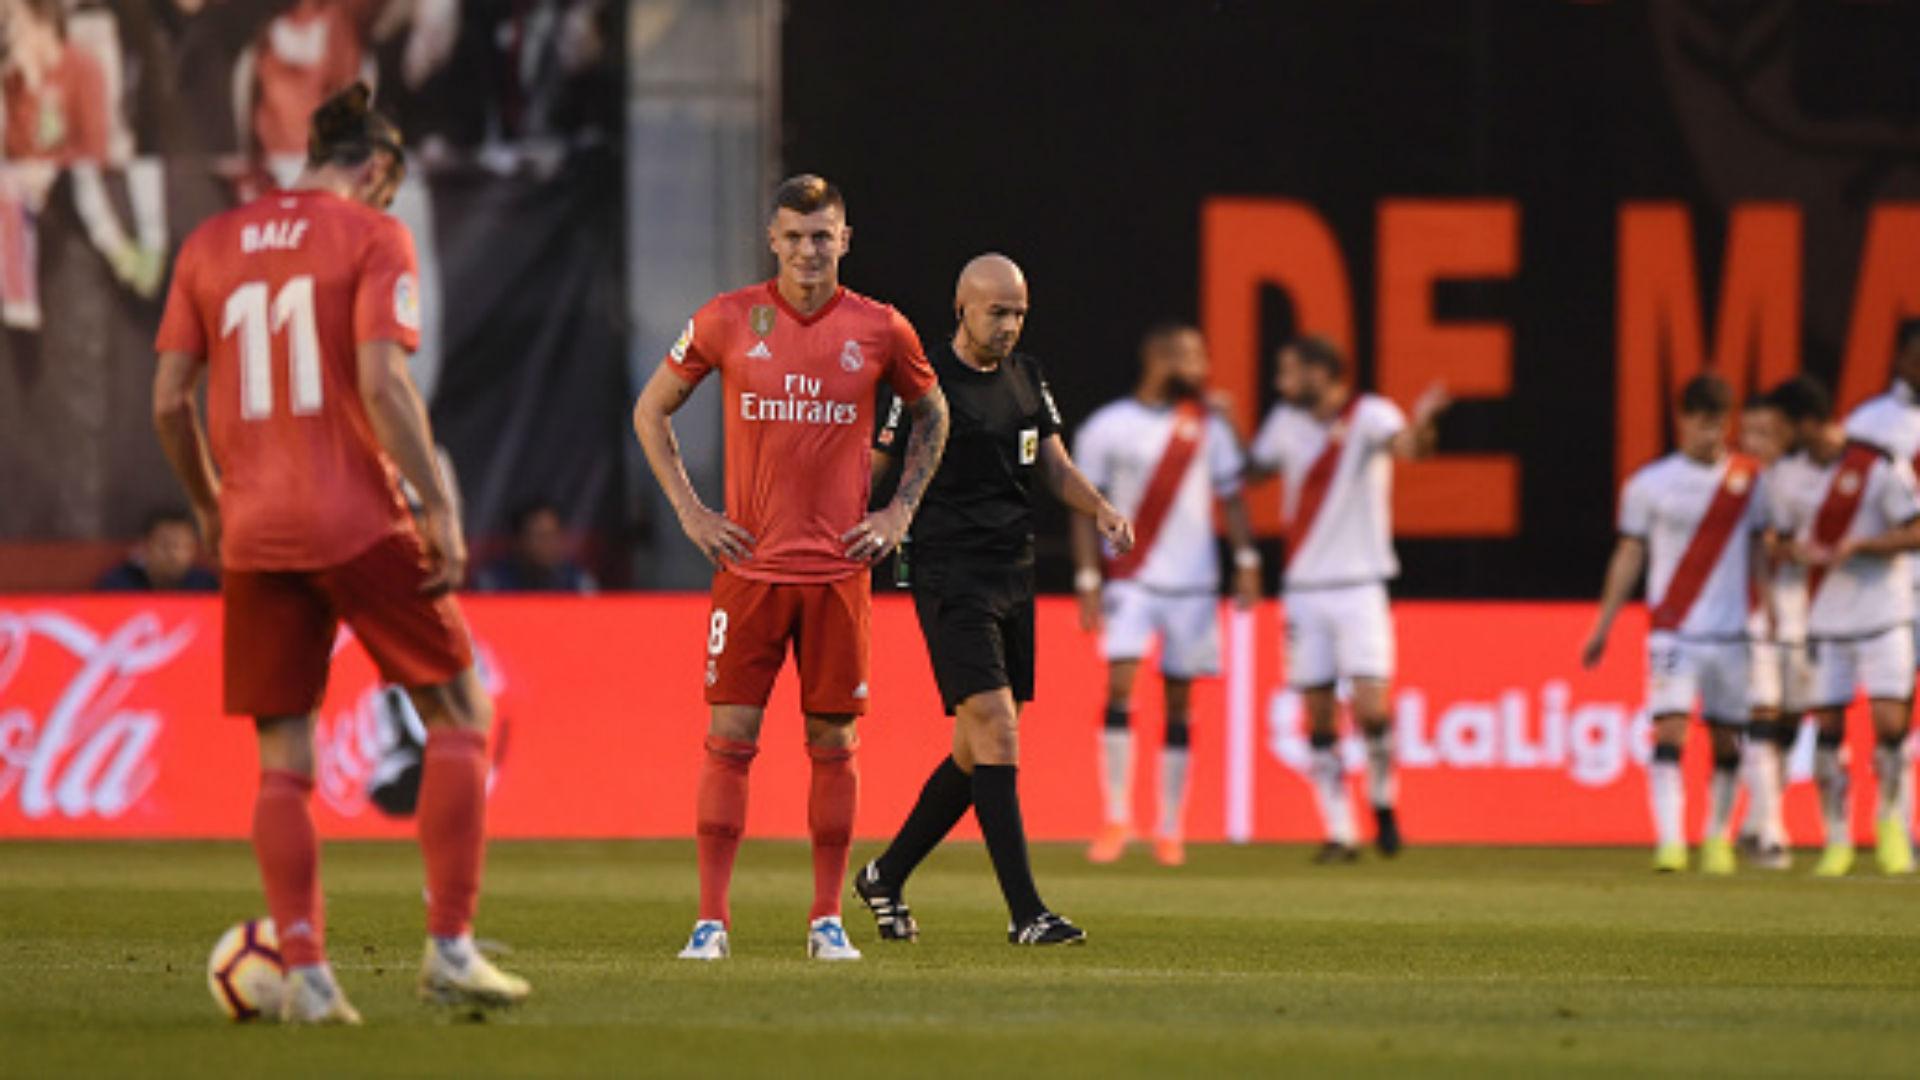 """Résultat de recherche d'images pour """"Rayo vallecano 1:0 Real Madrid"""""""